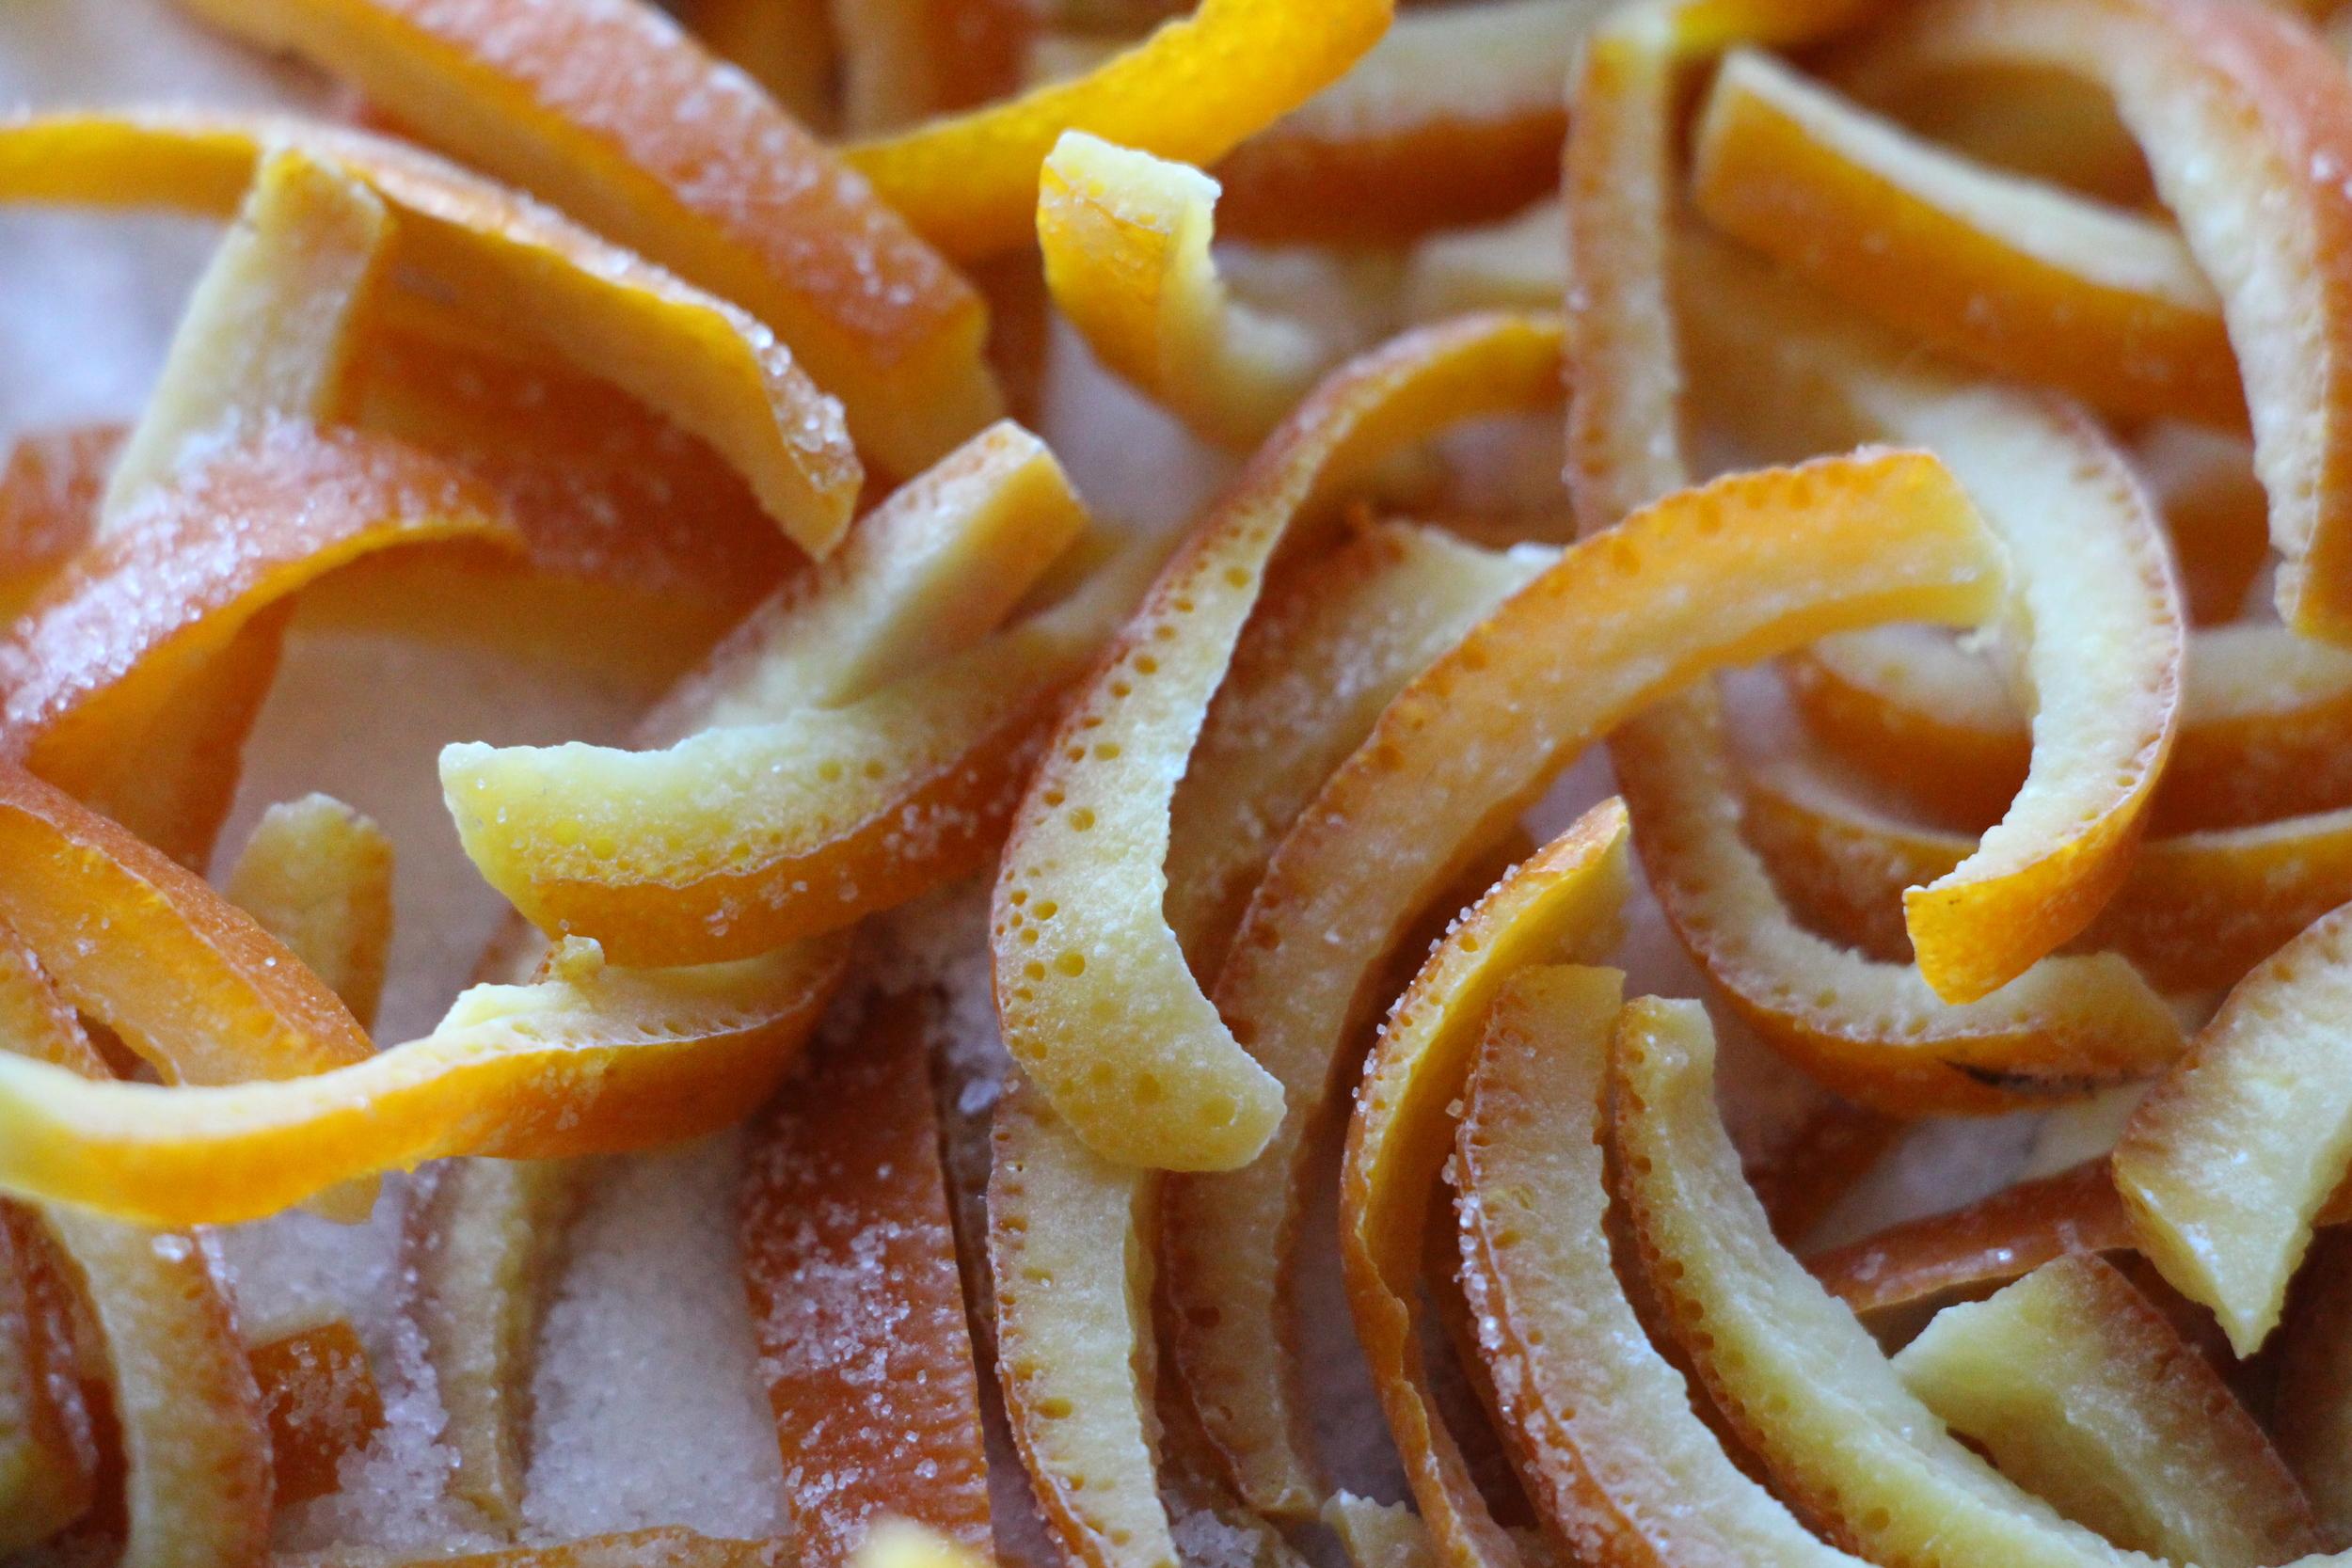 orange confite dessert